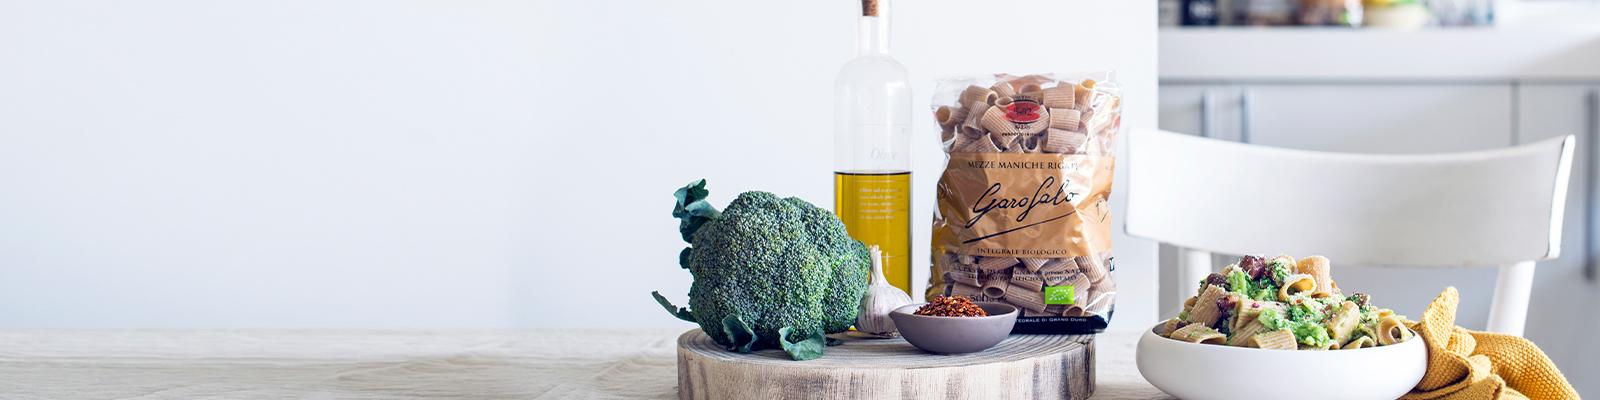 Pasta Garofalo - Semoule complète biologique de blé dur